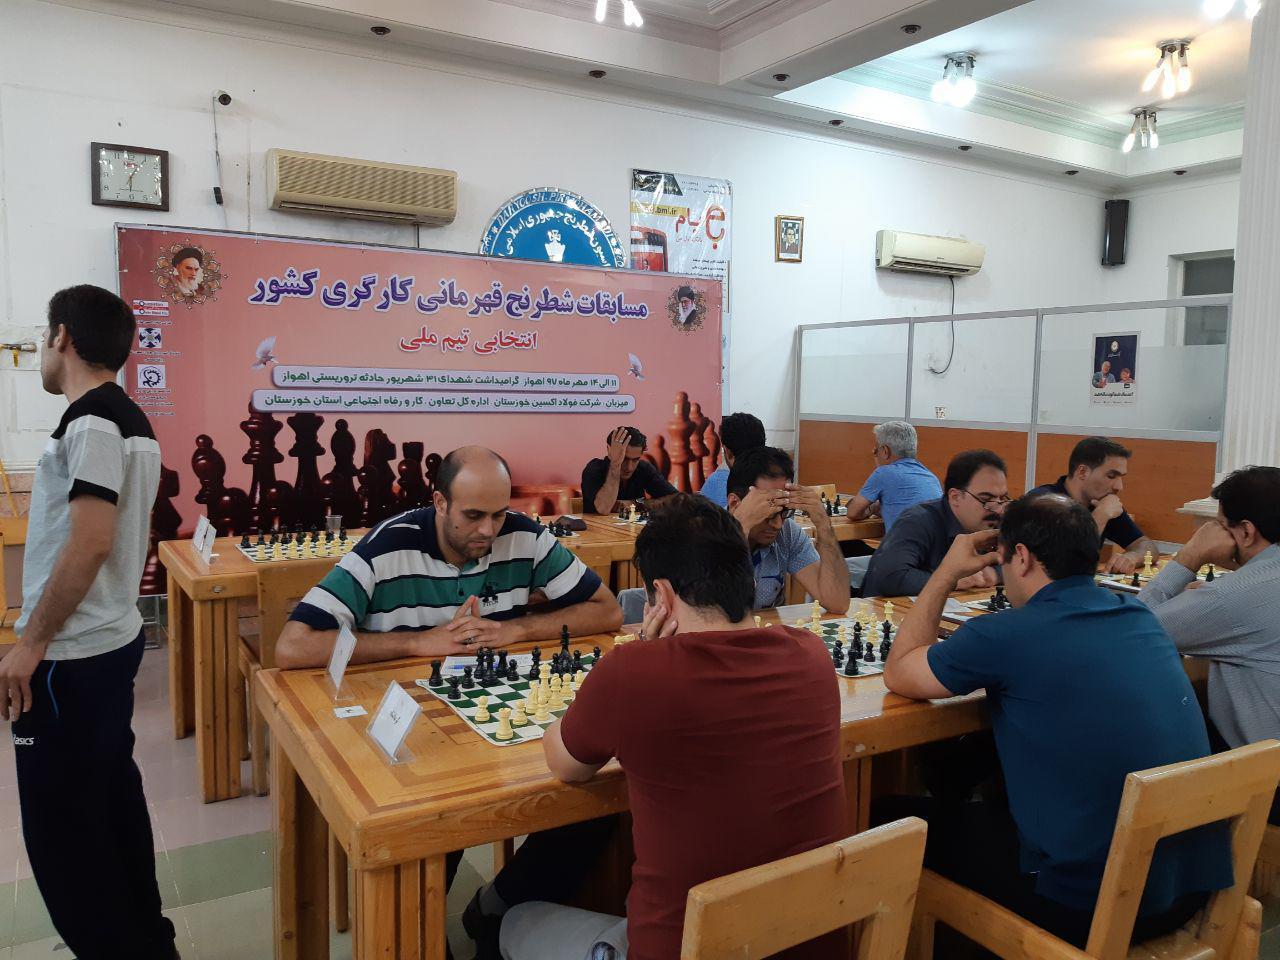 تیم شطرنج کارگران استان به مسابقات قهرمانی کارگران کشور به میزبانی خوزستان اعزام شد.